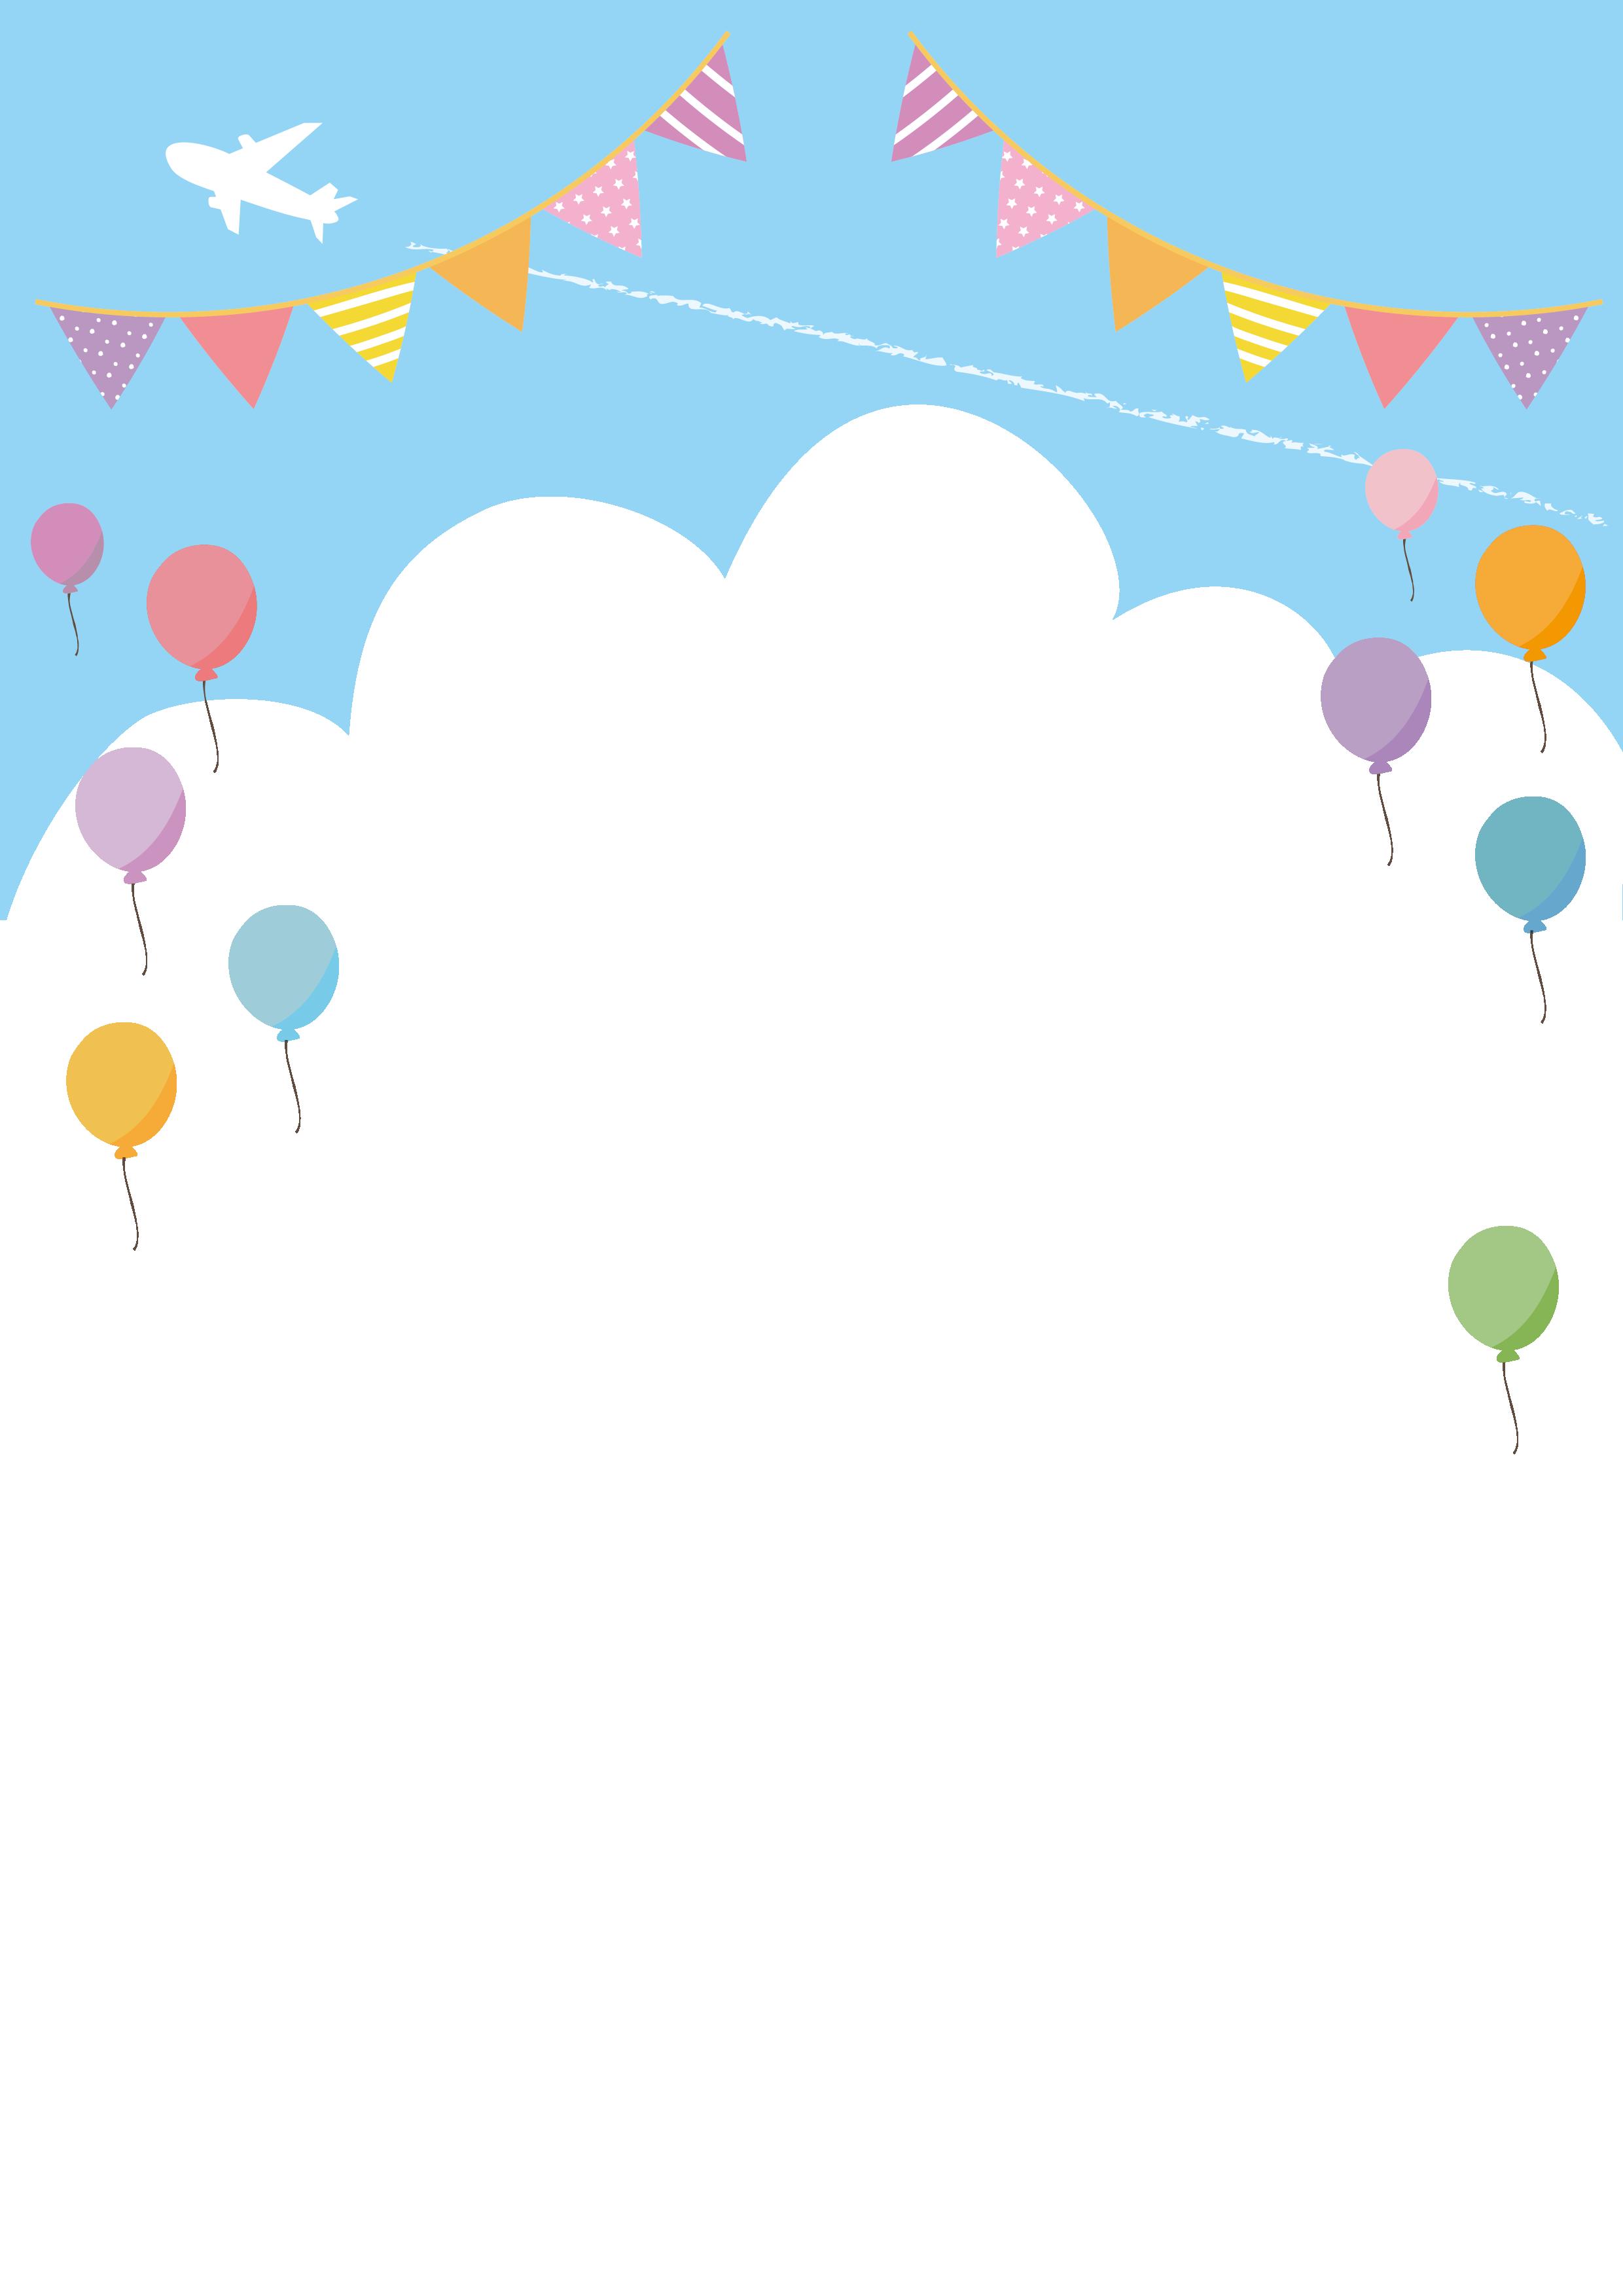 おすすめの商用利用可能な無料フレーム 枠素材 風船 イラスト 誕生日の壁紙 ガーランド イラスト